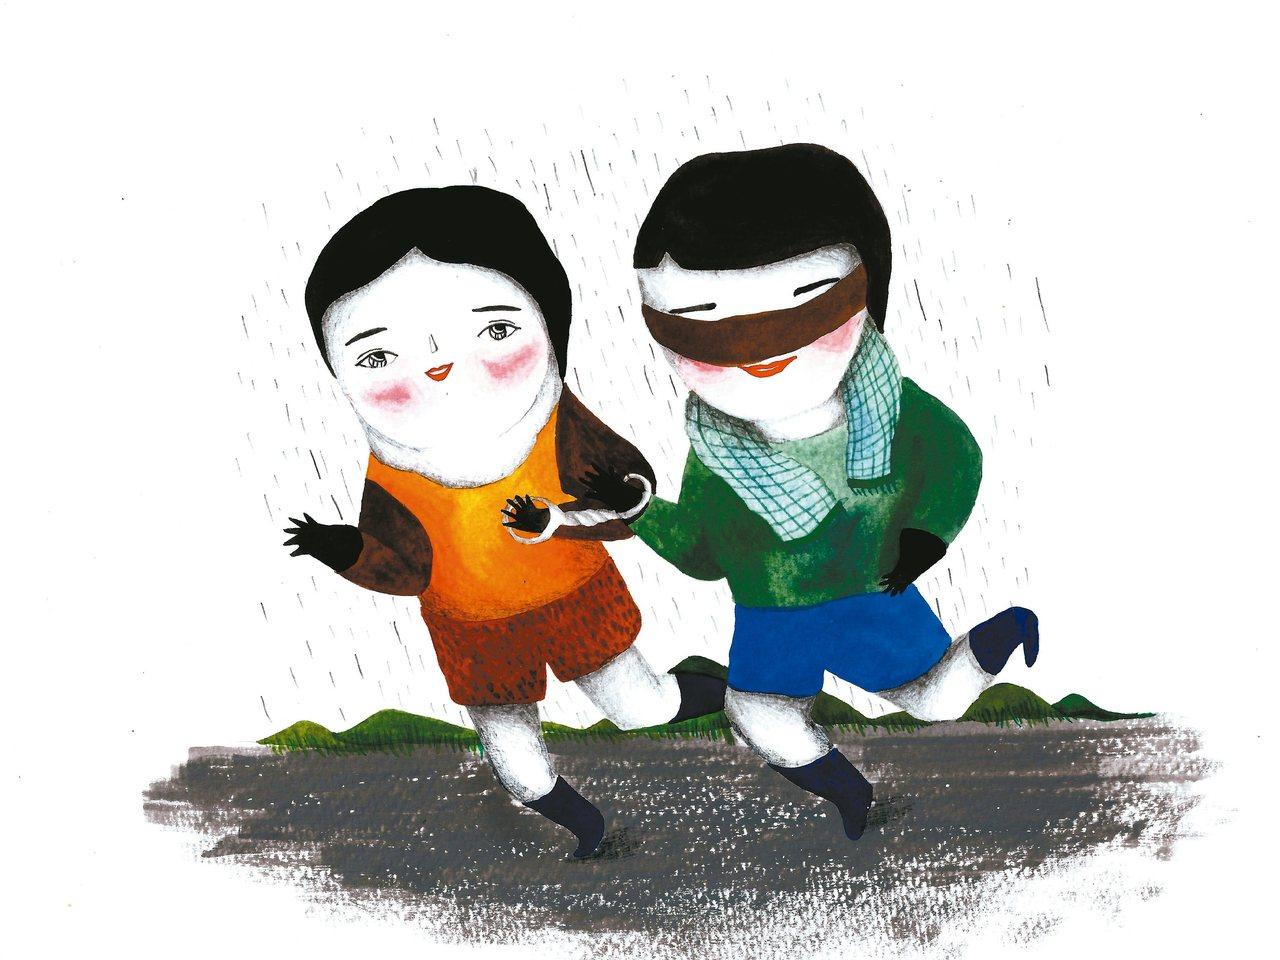 兩人三腳,步伐協調整個下午陰雨綿綿,燦煌一身輕裝,在自家樓下等陪跑員。午後的...